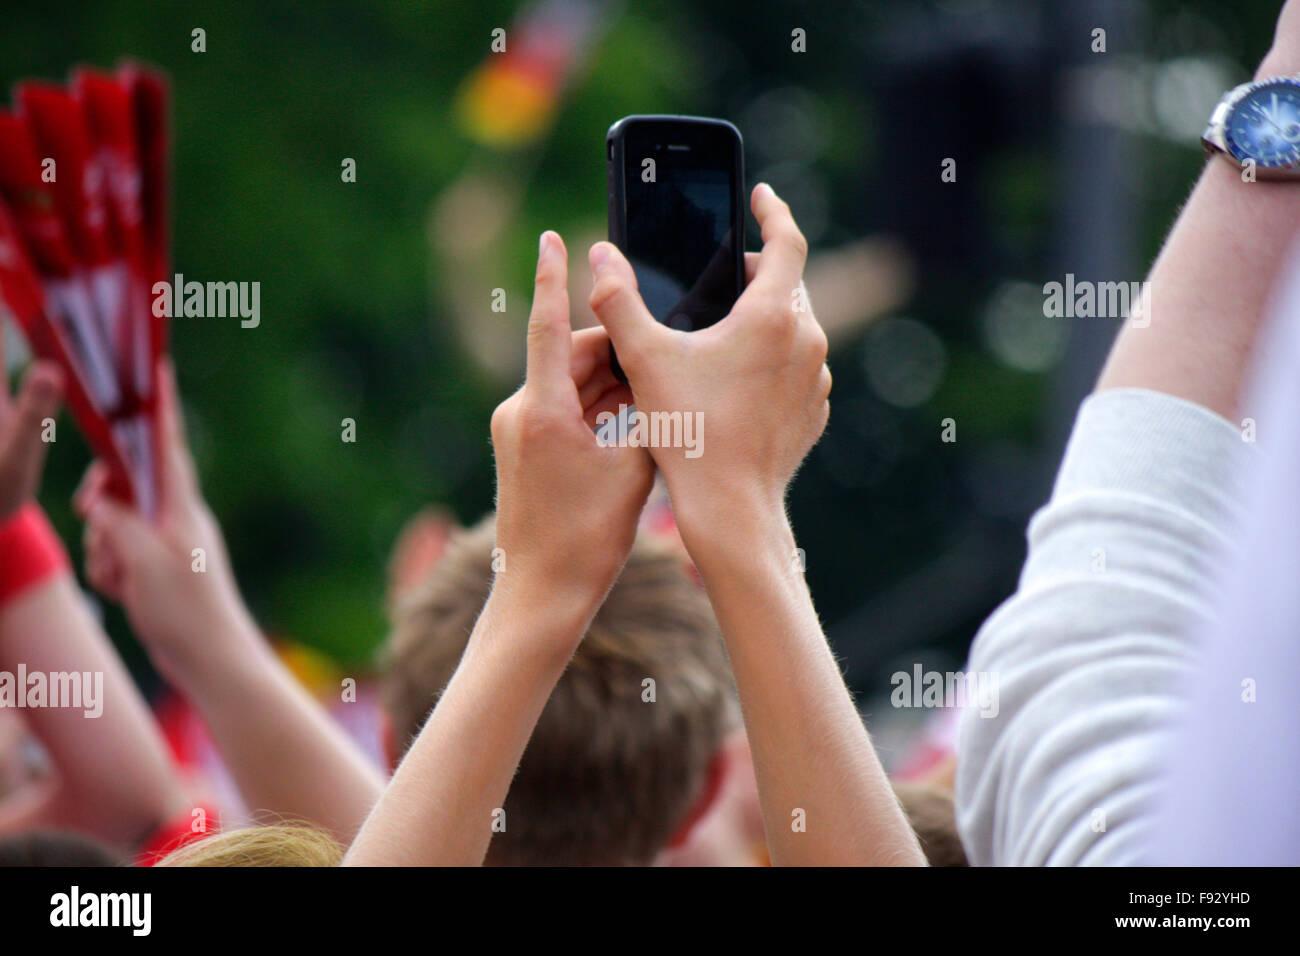 Fans mit Handys beim Filmen und Fotografieren - Impressionen - Empfang der dt. Fussballnationalmannschaft nach dem - Stock Image